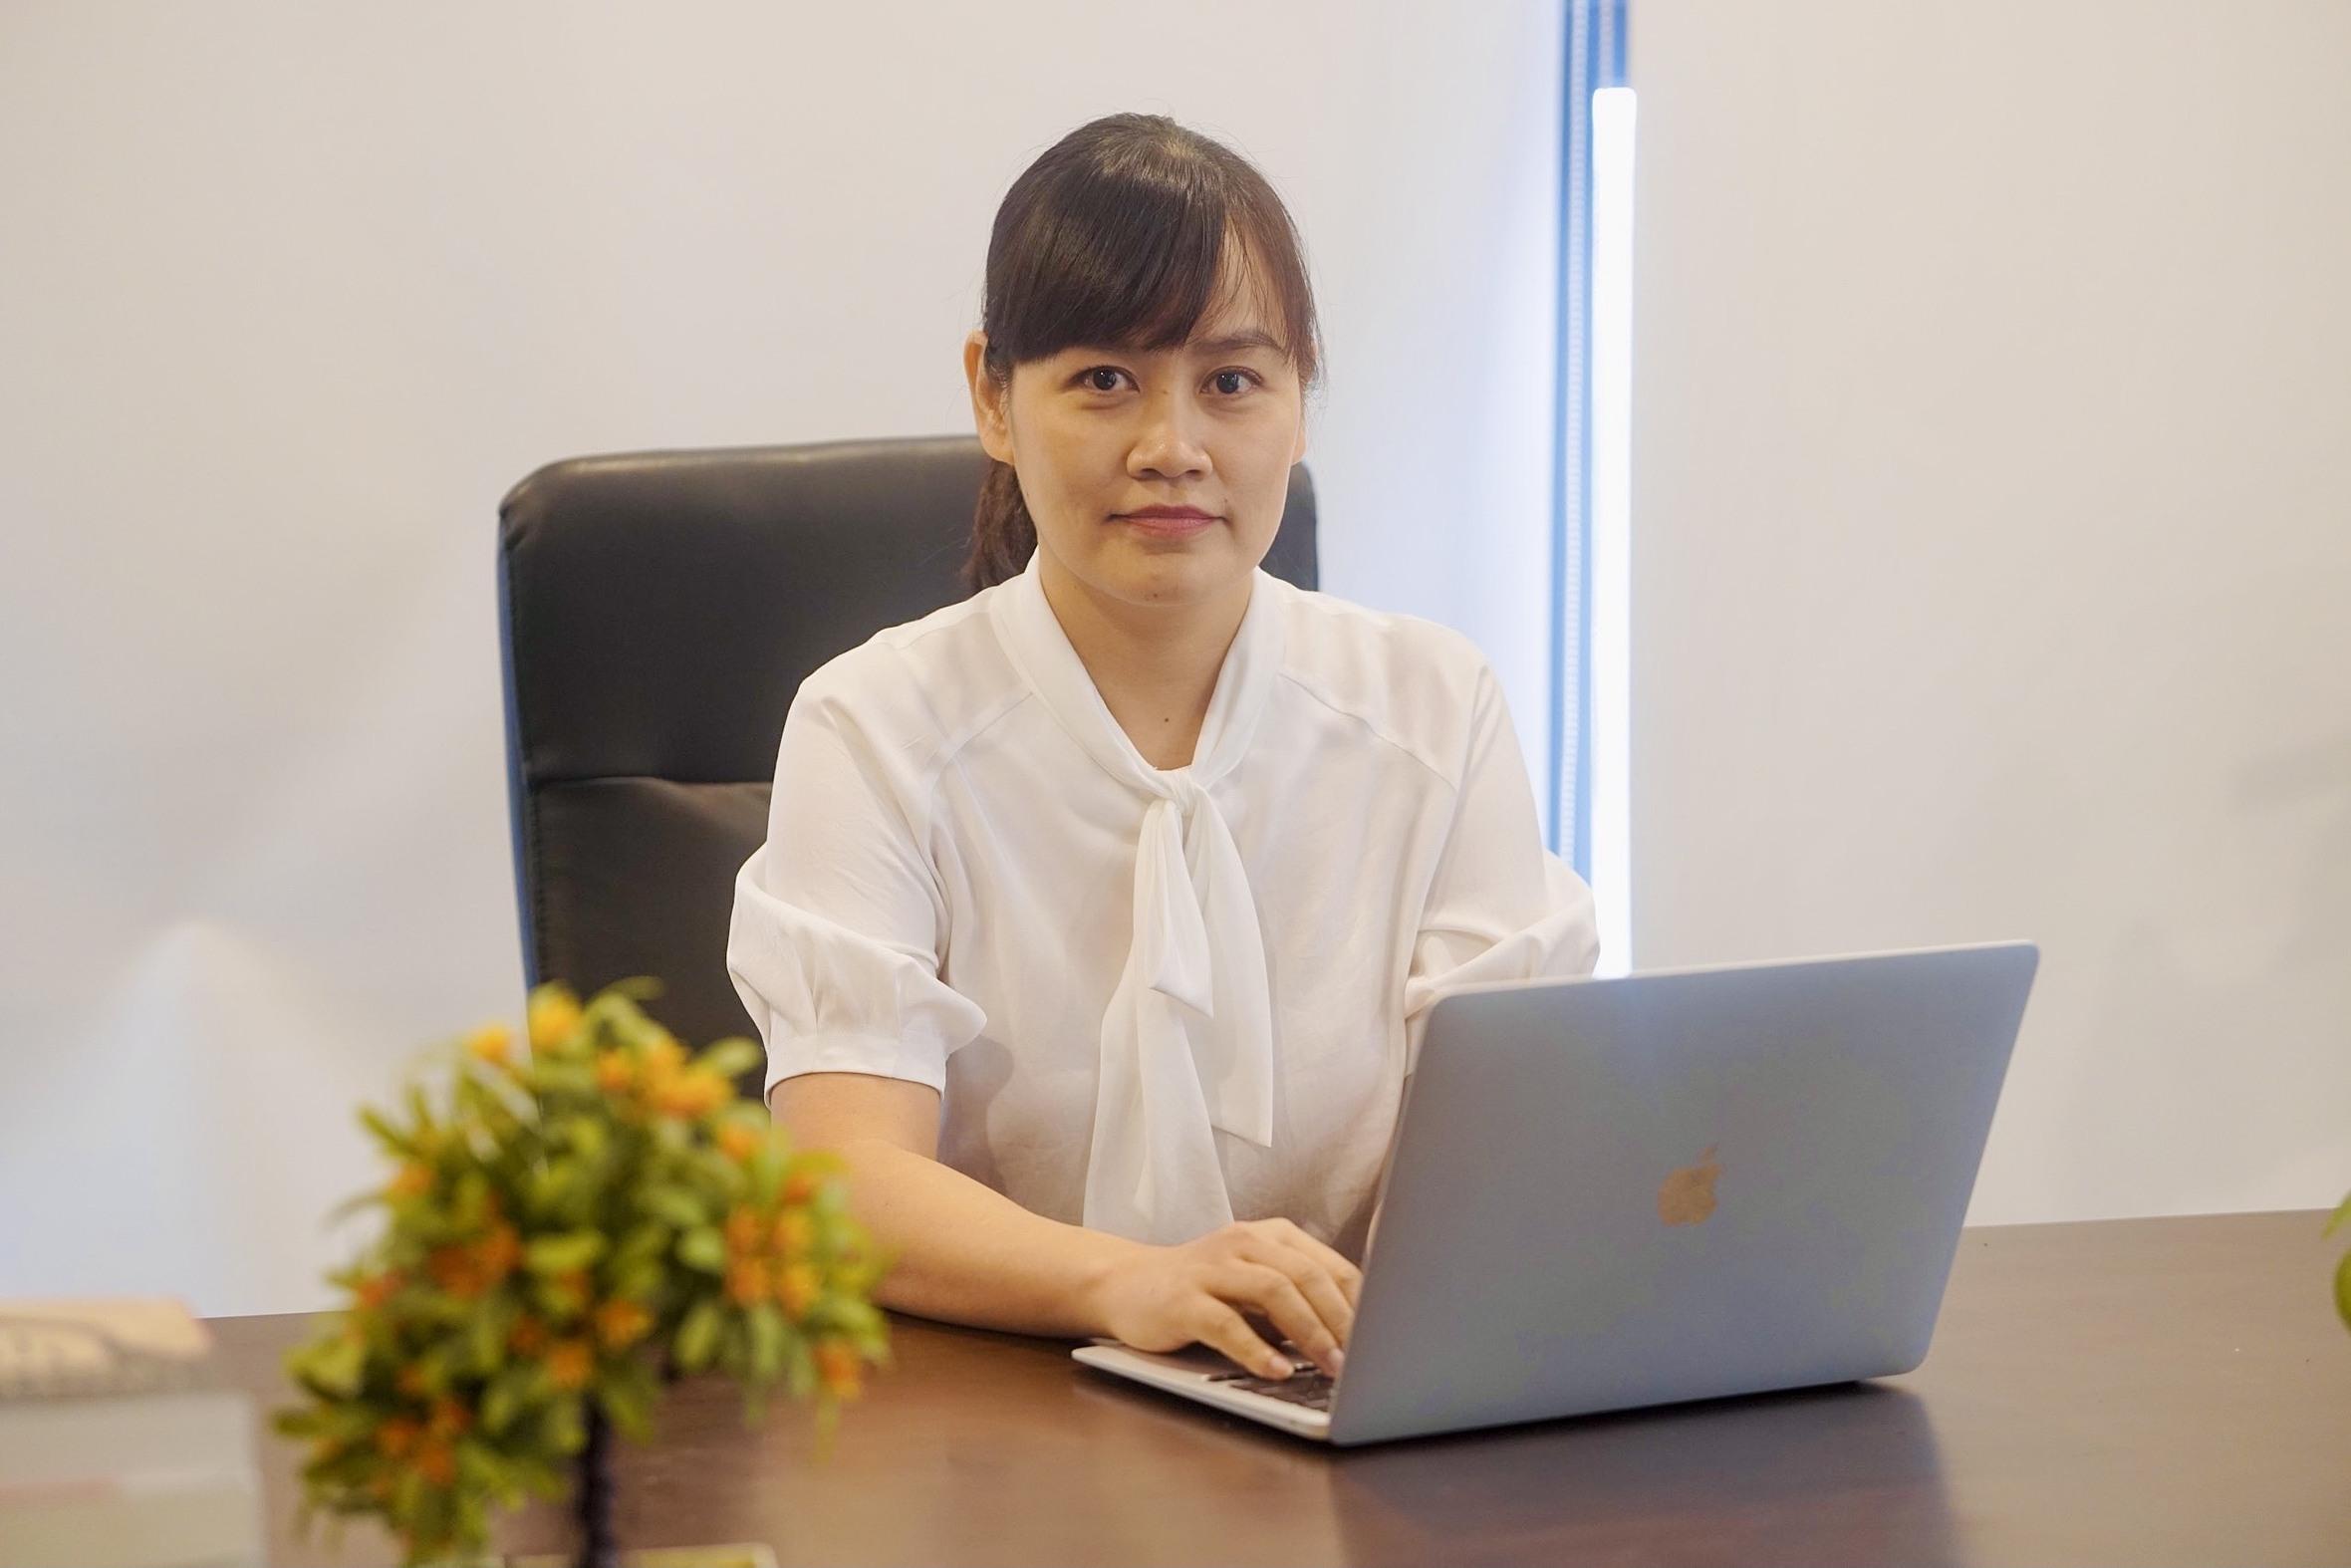 Cô Nguyễn Thị Quỳnh Hoa - Chủ nhiệm bộ môn tiếng Anh Đại học FPT Hà Nội.